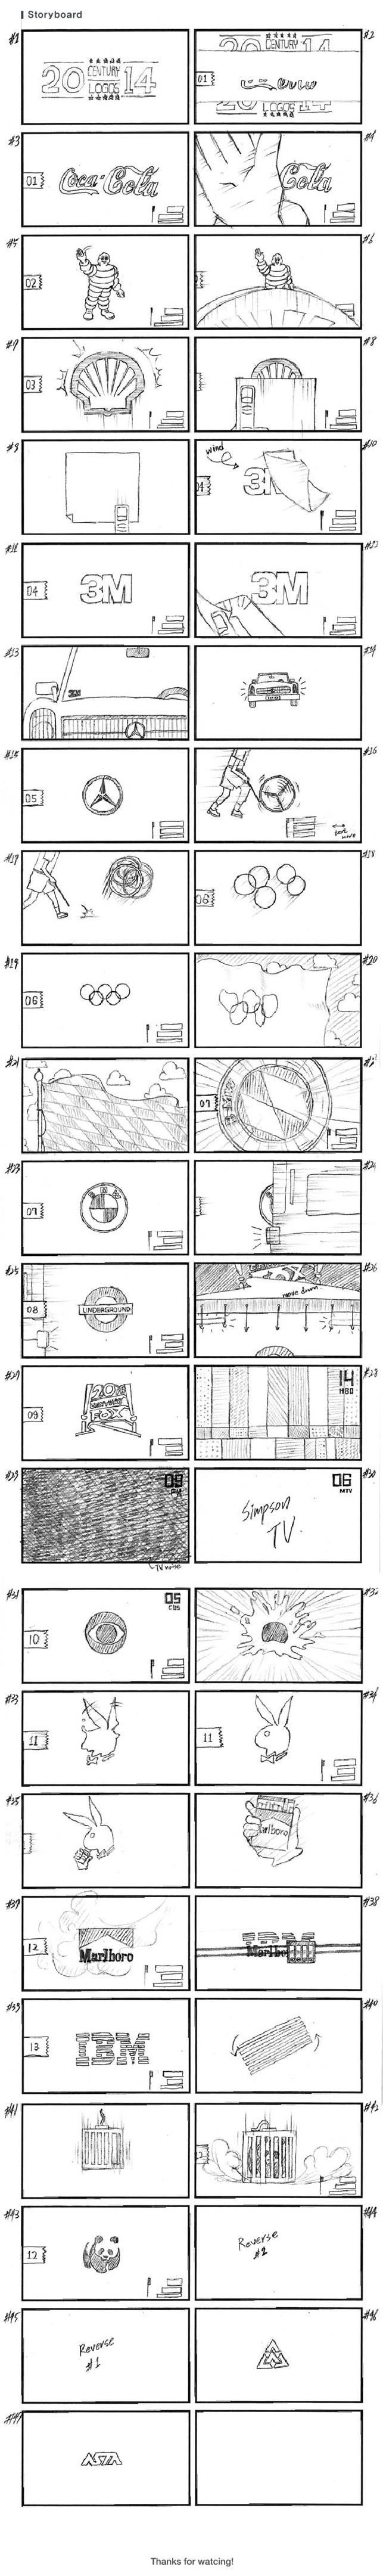 20'in yüzyılın akılda kalıcılığı en yüksek 14 logosu